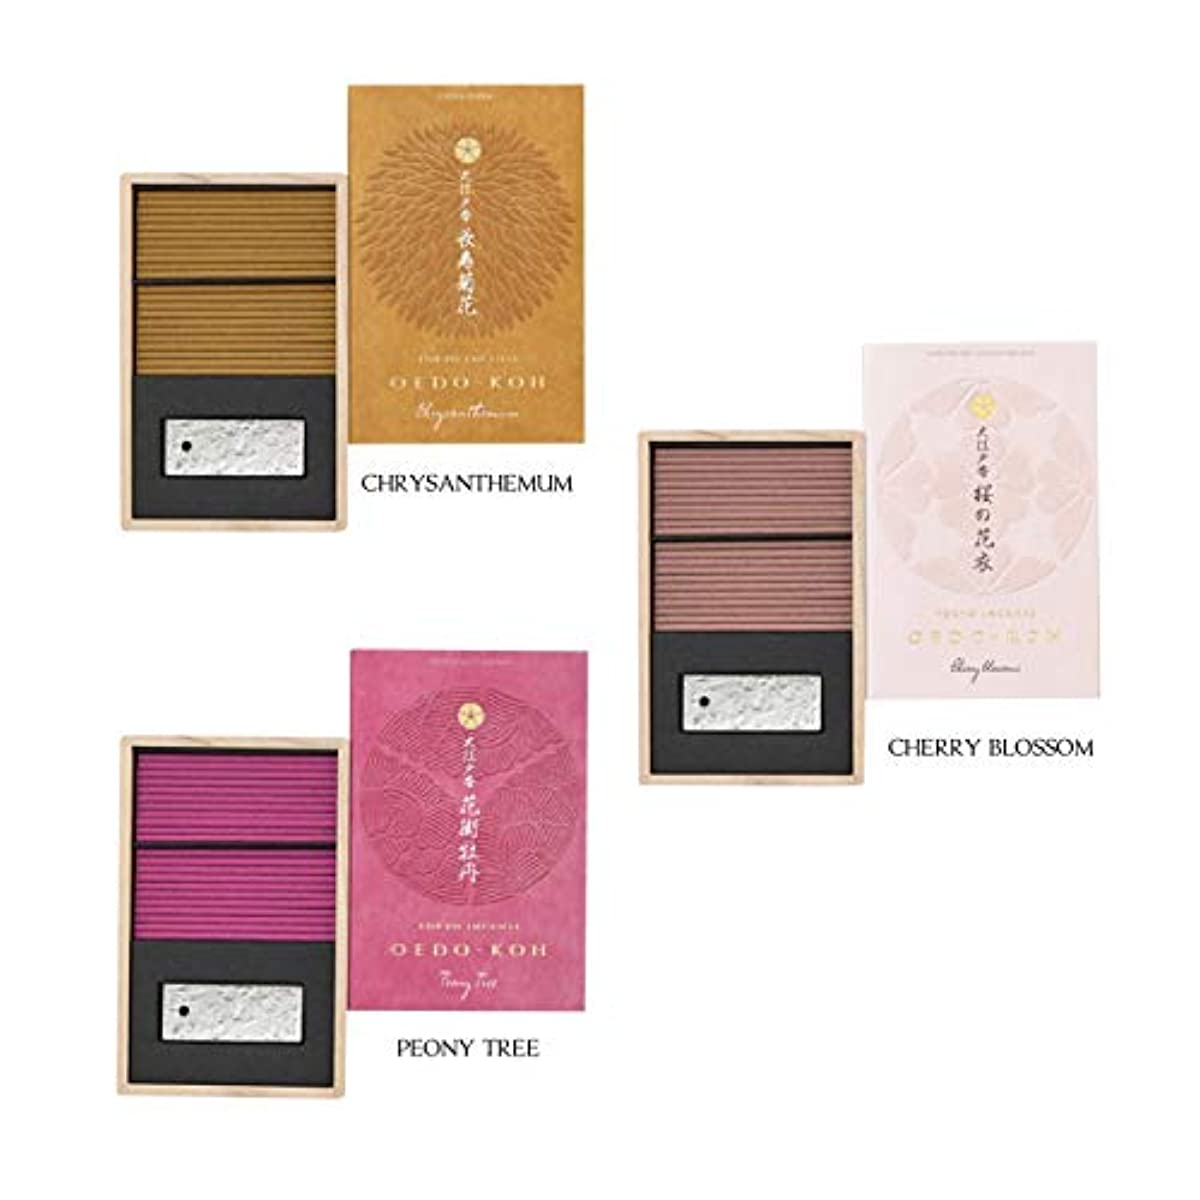 不正確偽善伝えるニッポン コドー オードコー - エド ジャパンの美 コレクション (菊、牡丹の木、桜)